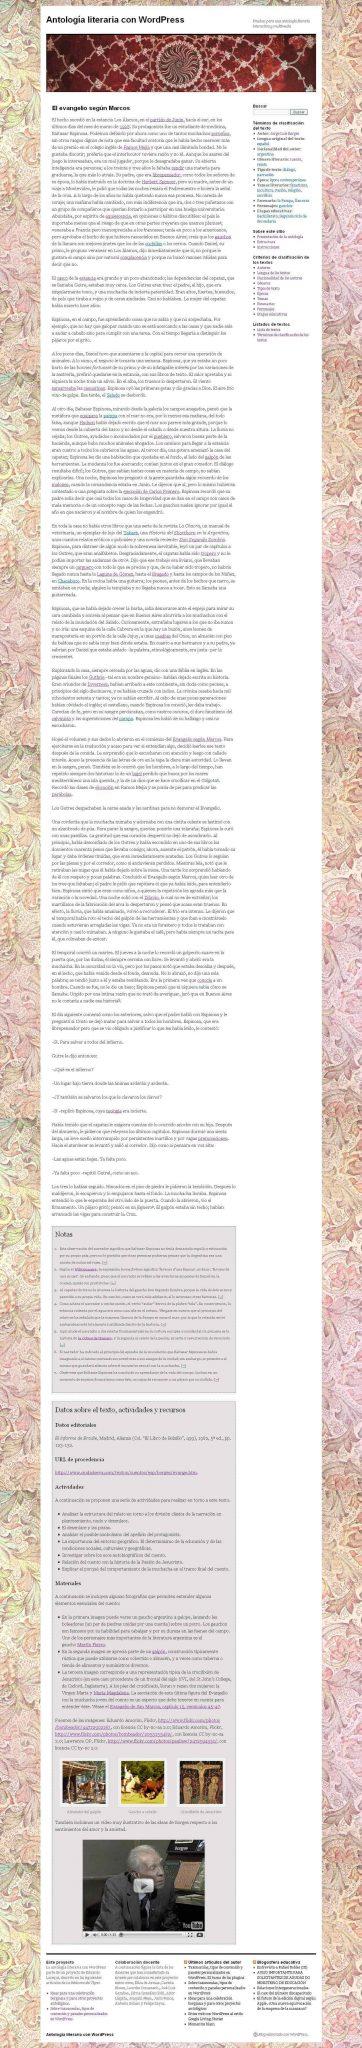 Figura 5 - Página individual de un texto de la antología